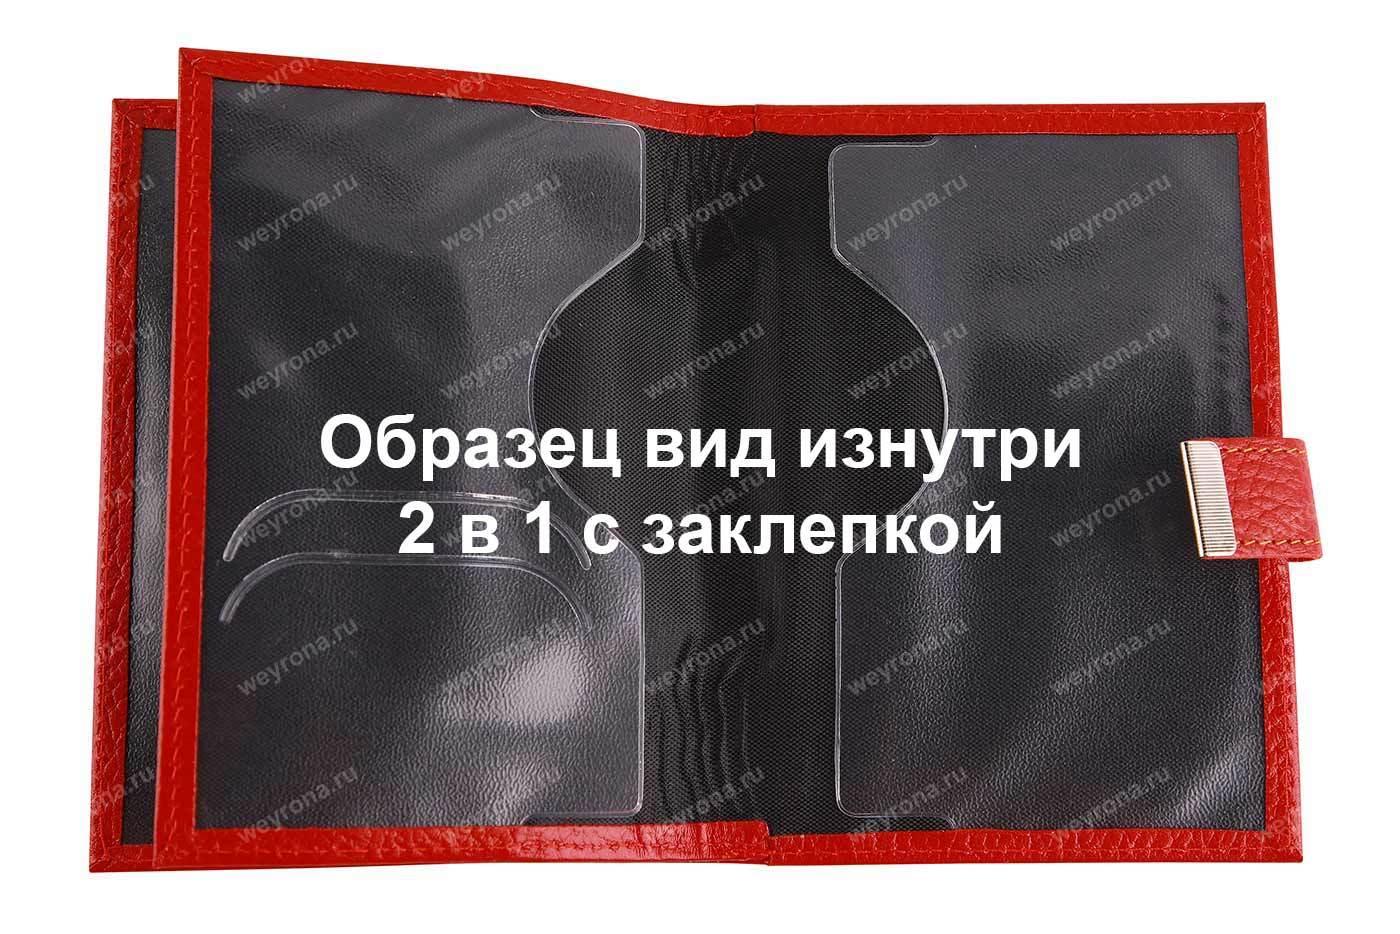 Обложка с заклепкой ФЛОТЕР КЛАССИКА 2 В 1 (ТЕЛЯЧЬЯ КОЖА)